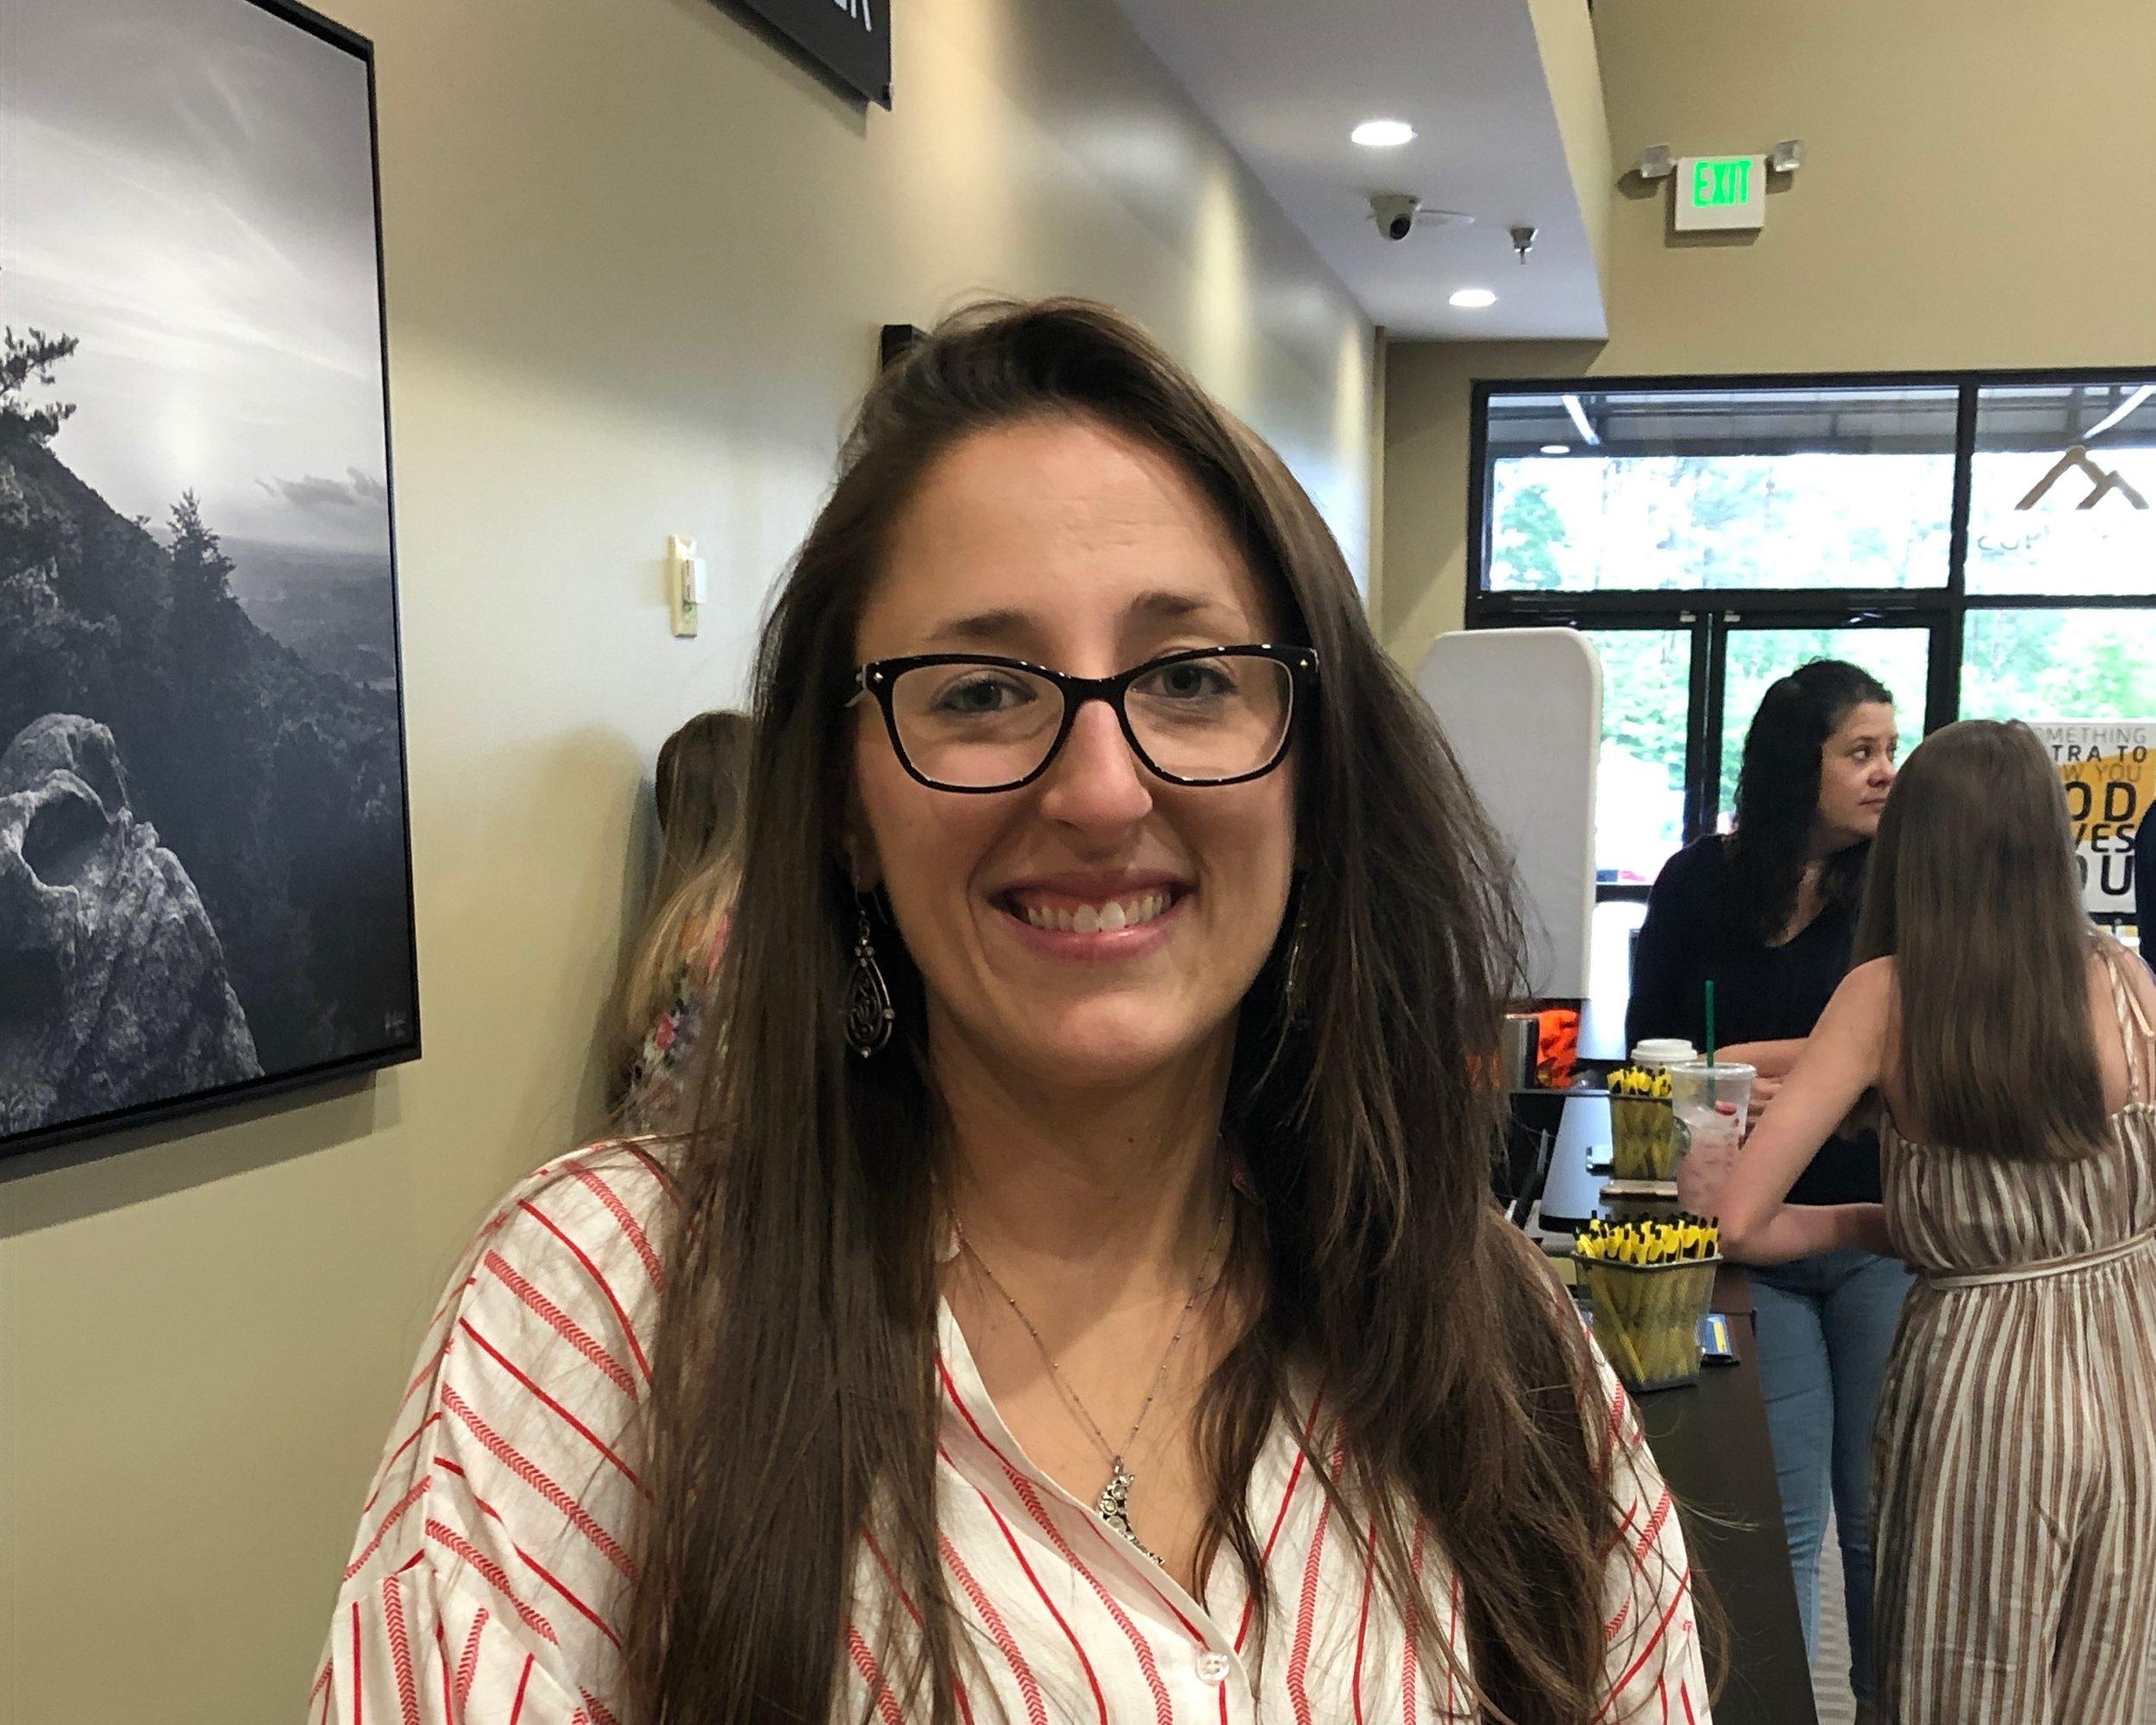 Lauren Needham- Connect  Email: ltucker3186@gmail.com